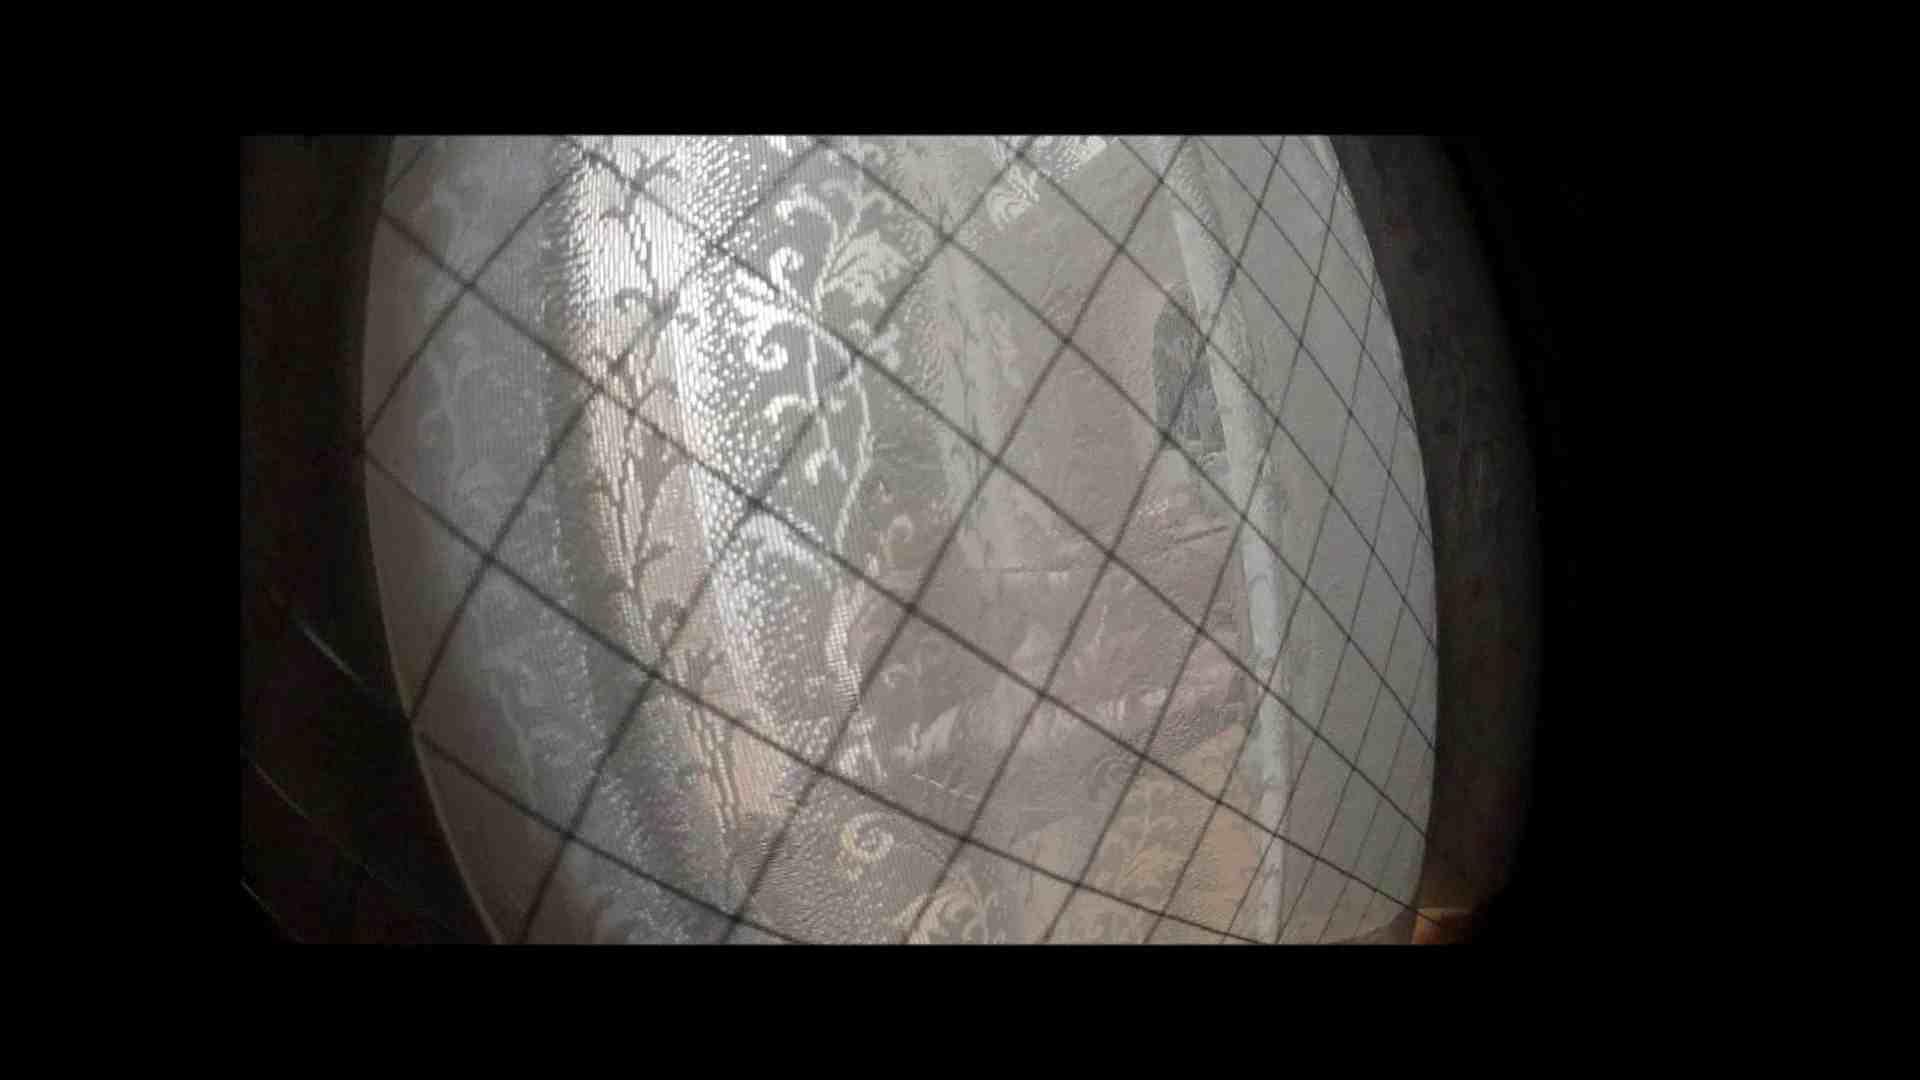 【04】別の日・・・魚眼レンズで広角に撮れました。 Hな熟女 えろ無修正画像 111pic 67